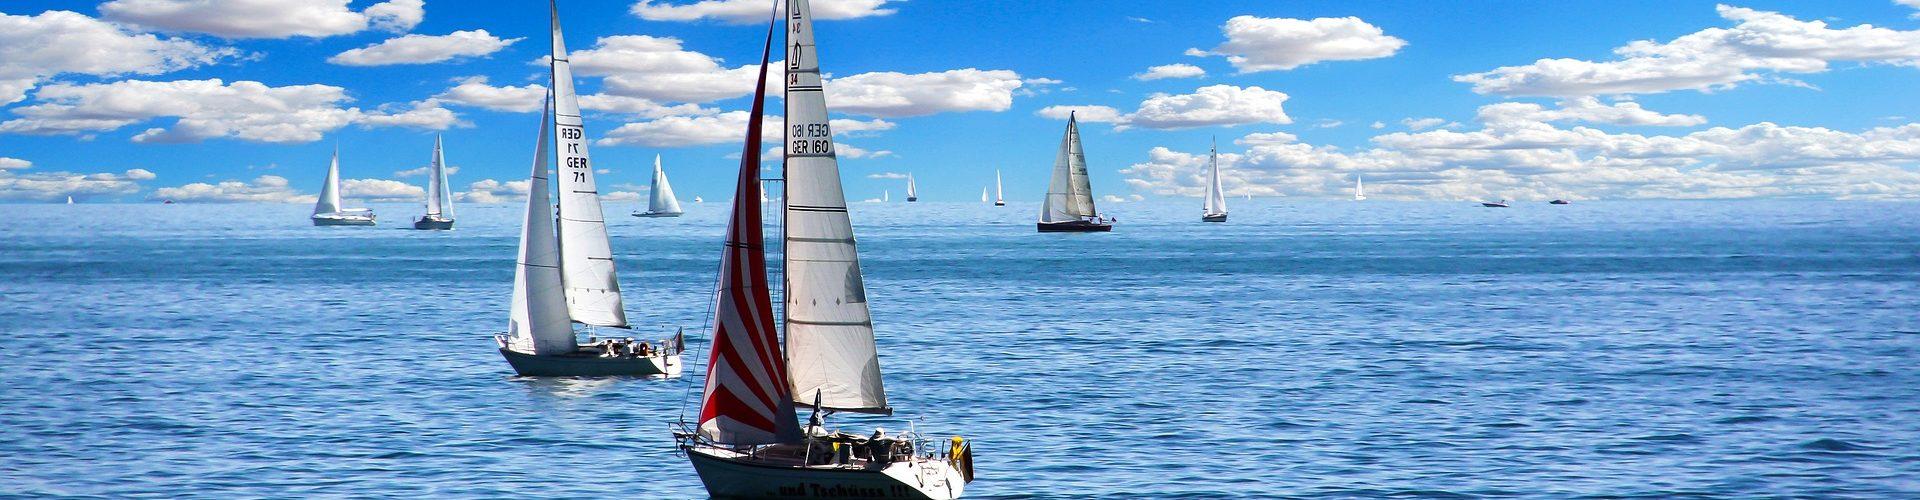 segeln lernen in Barth segelschein machen in Barth 1920x500 - Segeln lernen in Barth